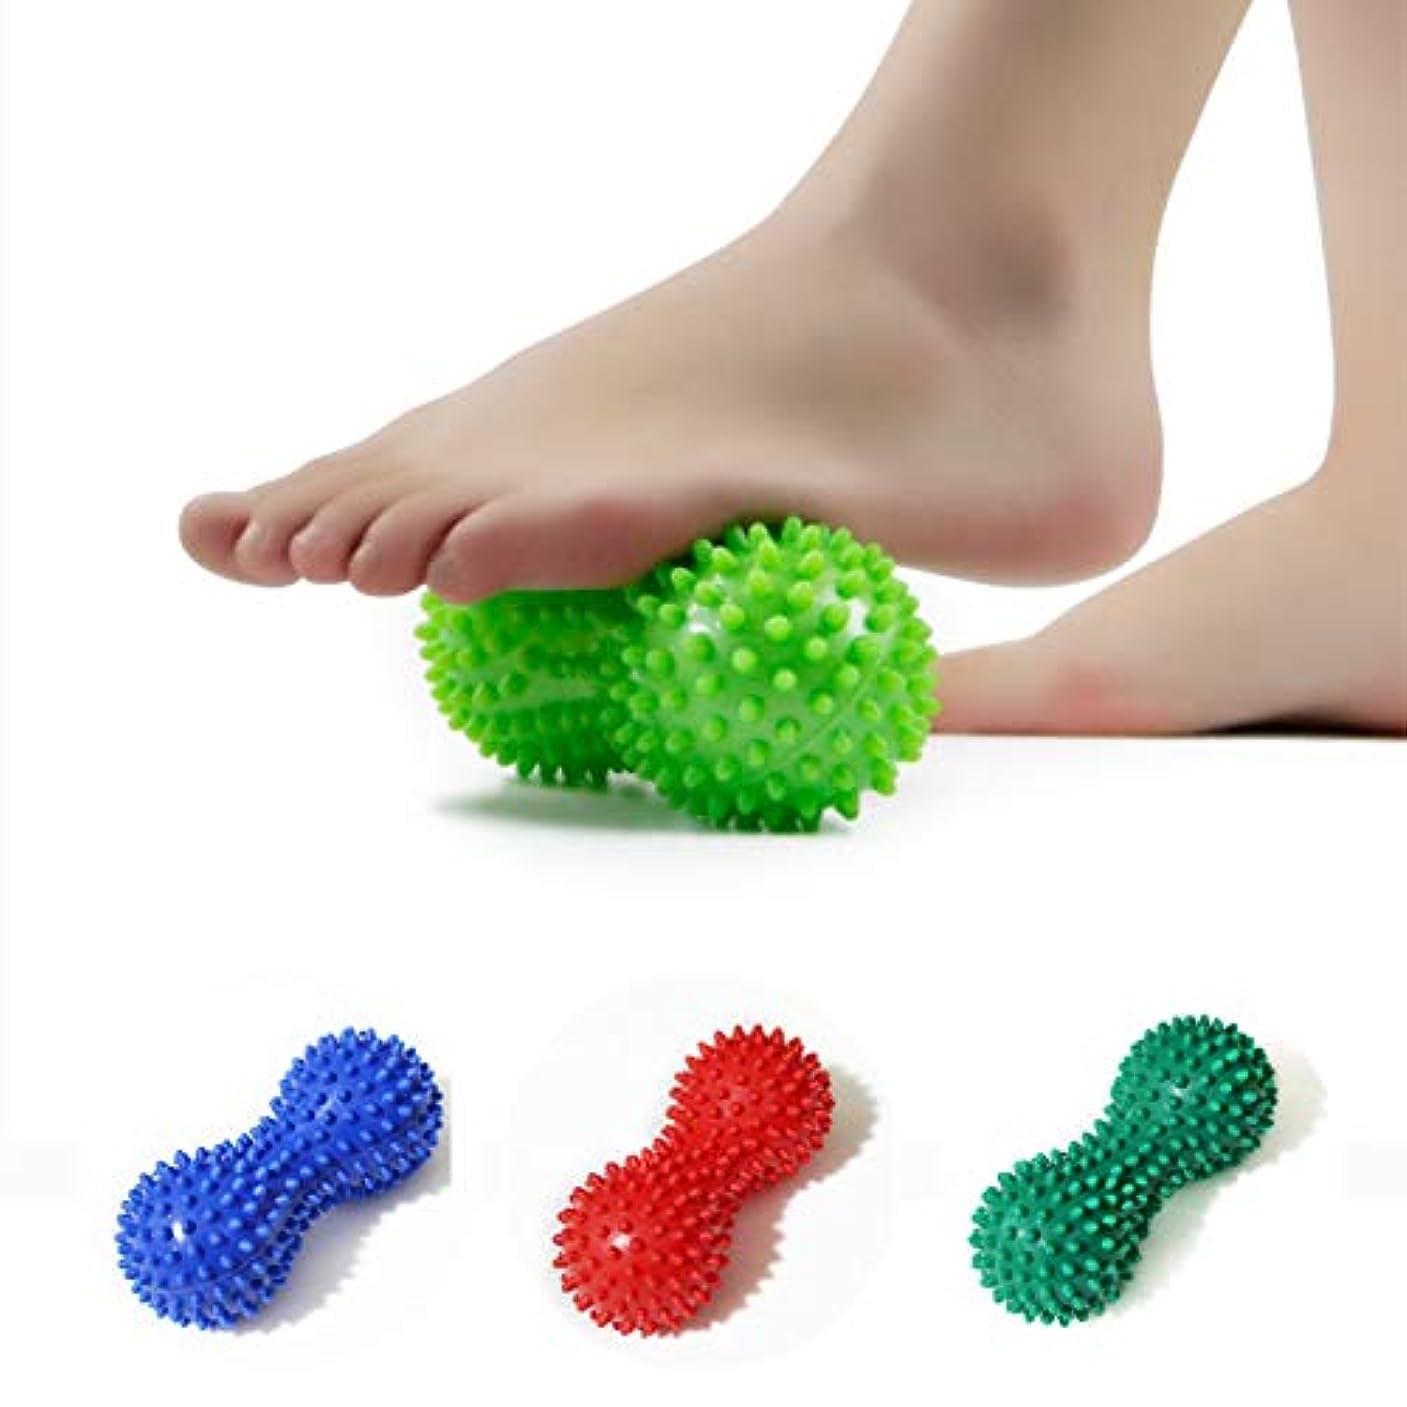 退却赤ちゃん中世のPeanut Shape Massage Yoga Sport Fitness Ball Durable PVC Stress Relief Body Hand Foot Spiky Massager Trigger Point...